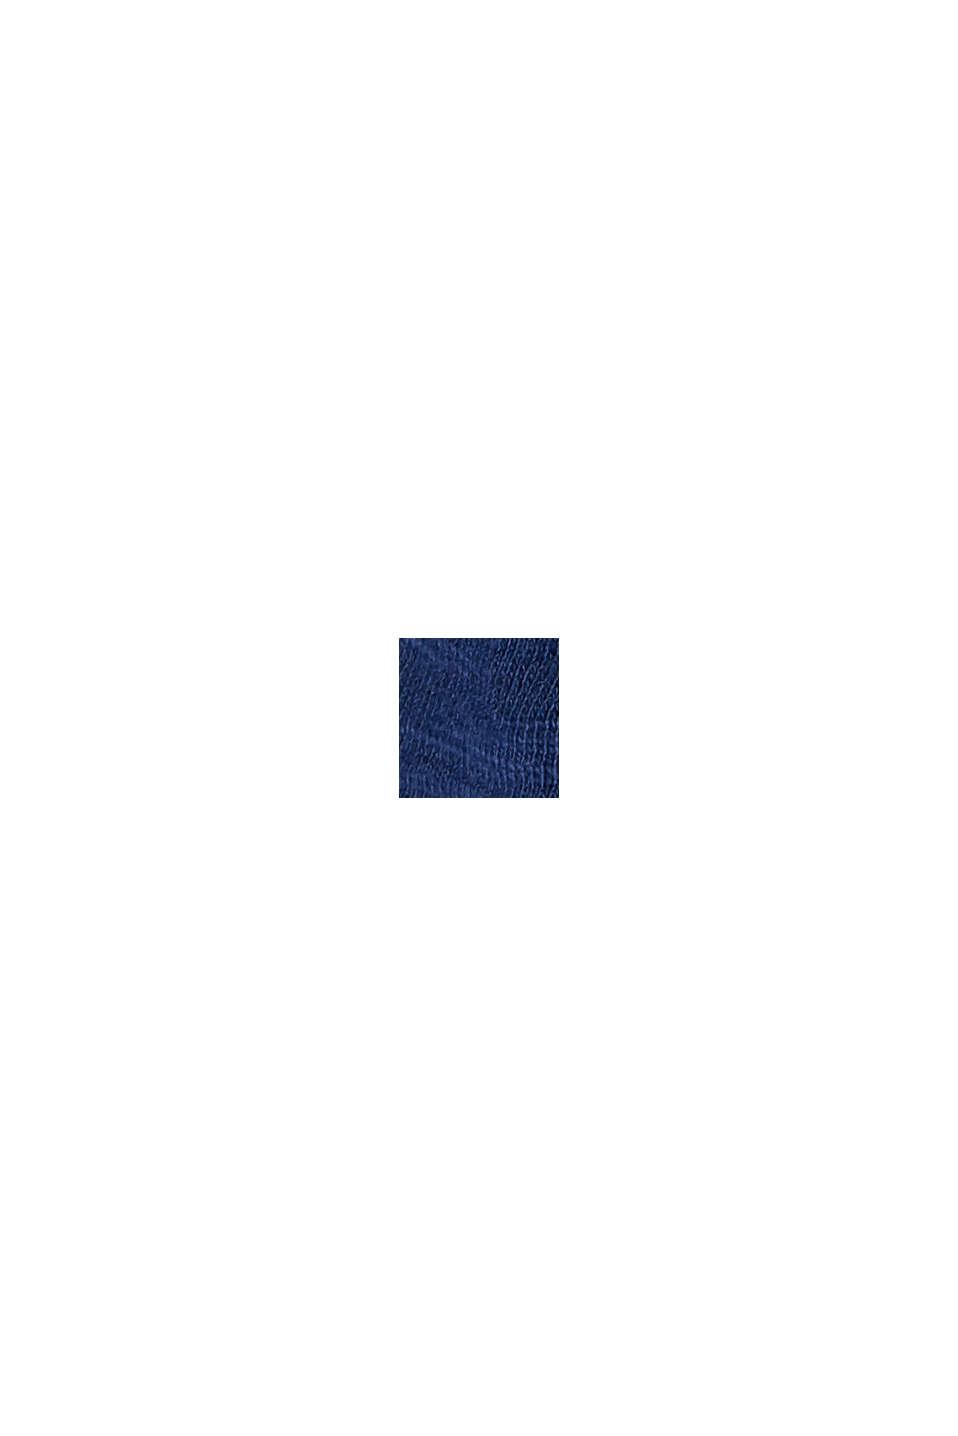 T-shirt orné de broderie anglaise, 100% coton biologique, DARK BLUE, swatch